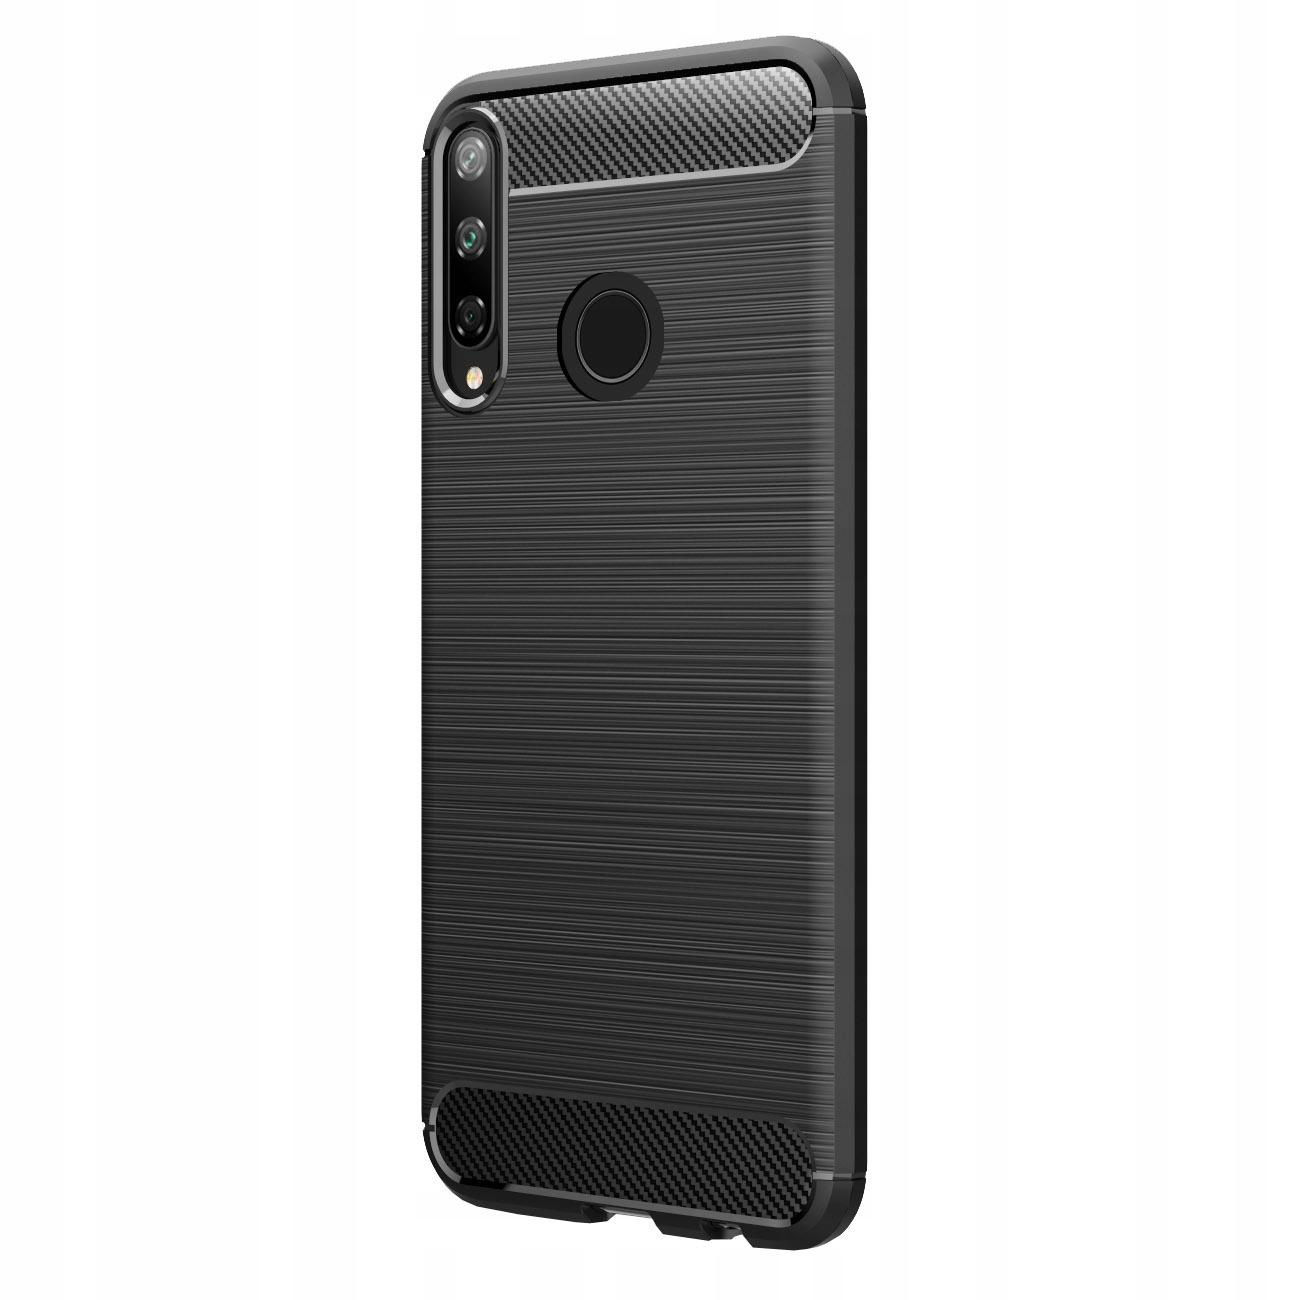 Etui do Huawei P40 Lite E, Tpu Carbon pokrowiec